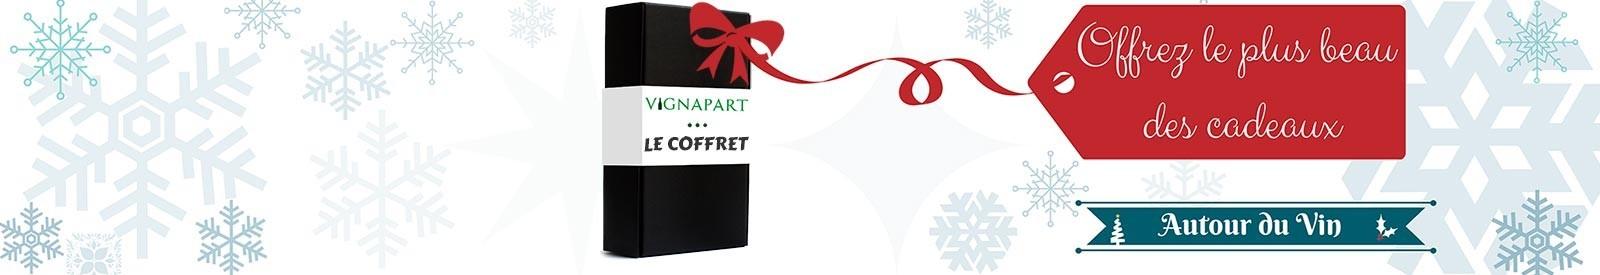 Coffret vin Bio - Vignapart